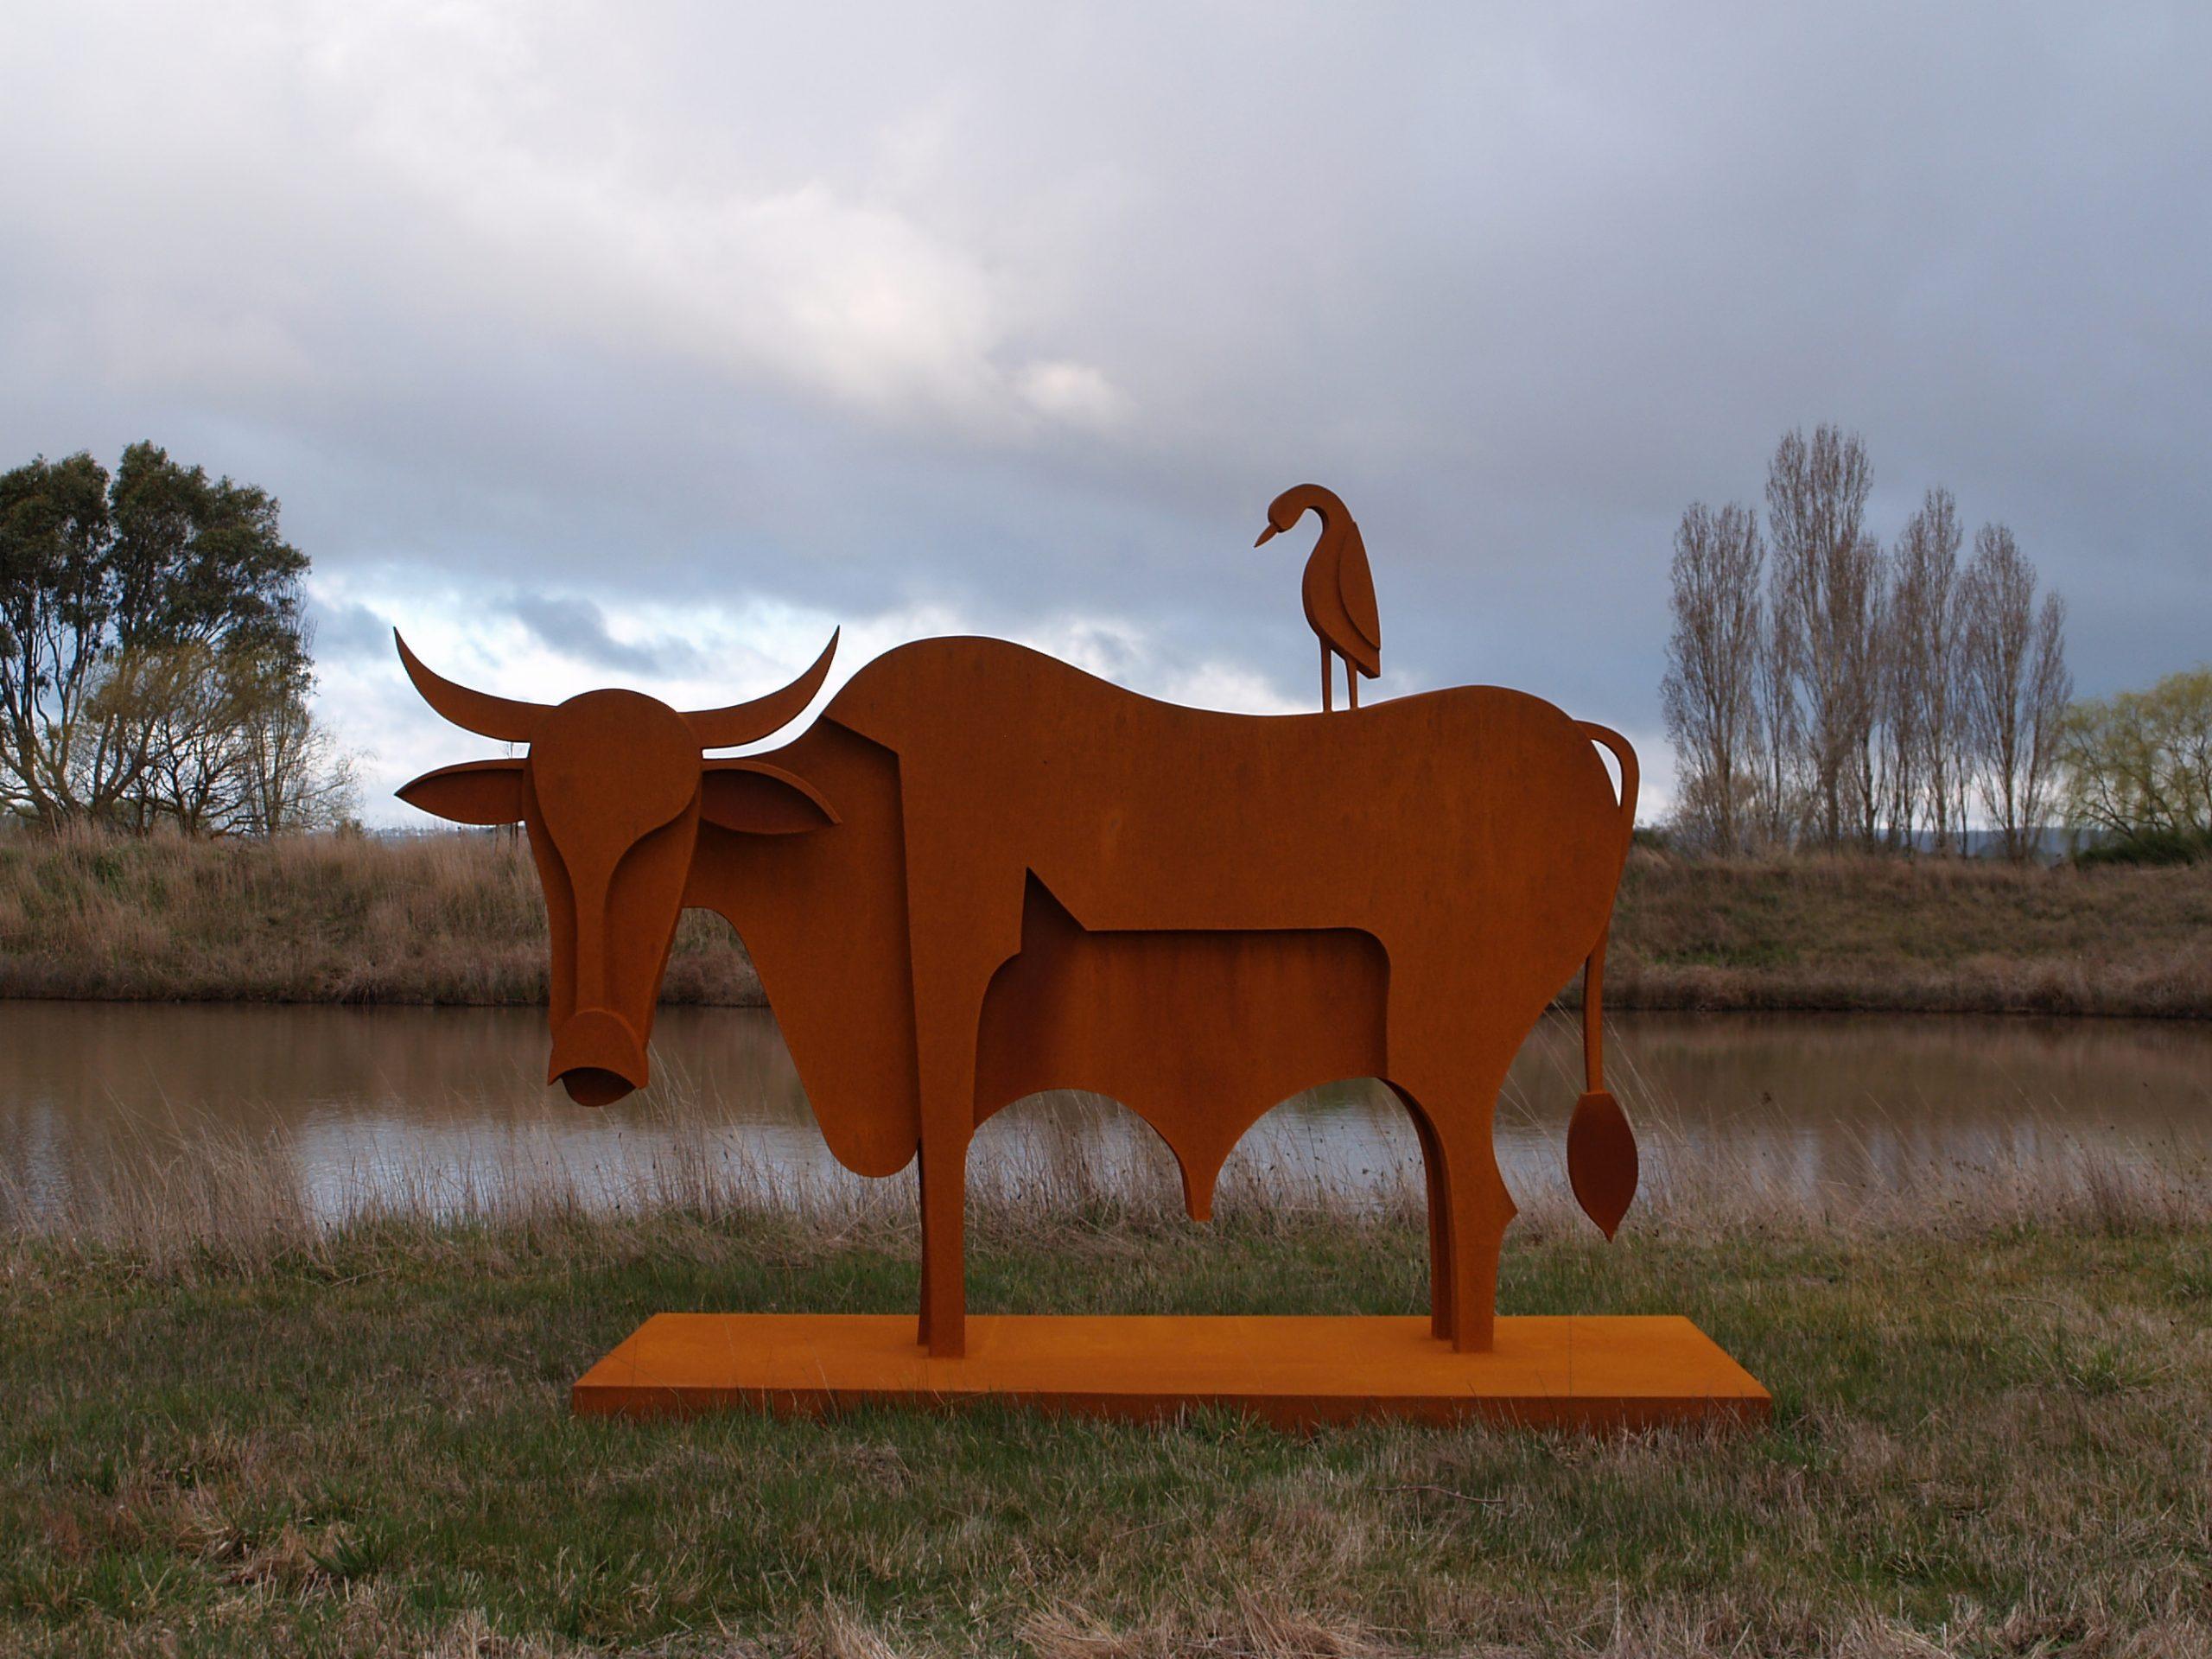 Jimmy Rix – Sculpture on the Farm 2021